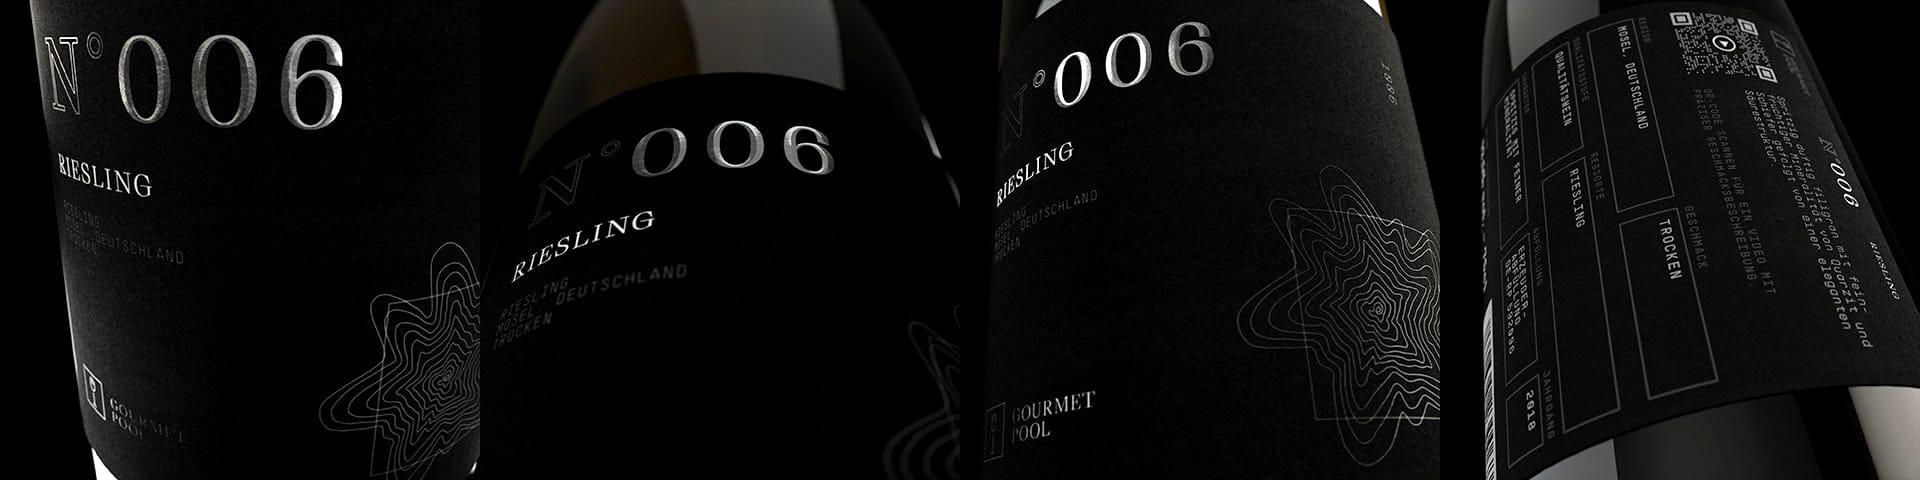 Weinflaschen Detailaufnahme N°006 Riesling